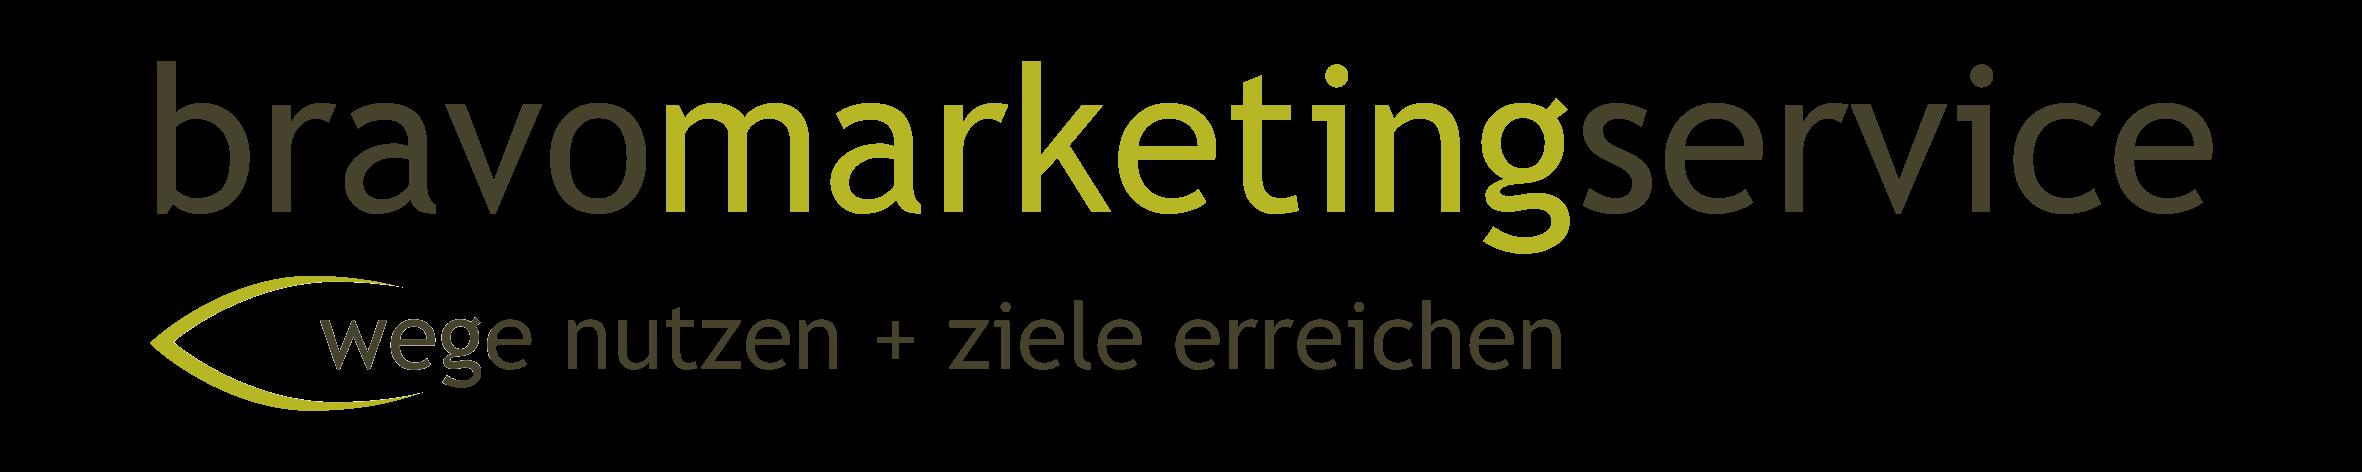 bravo marketing service